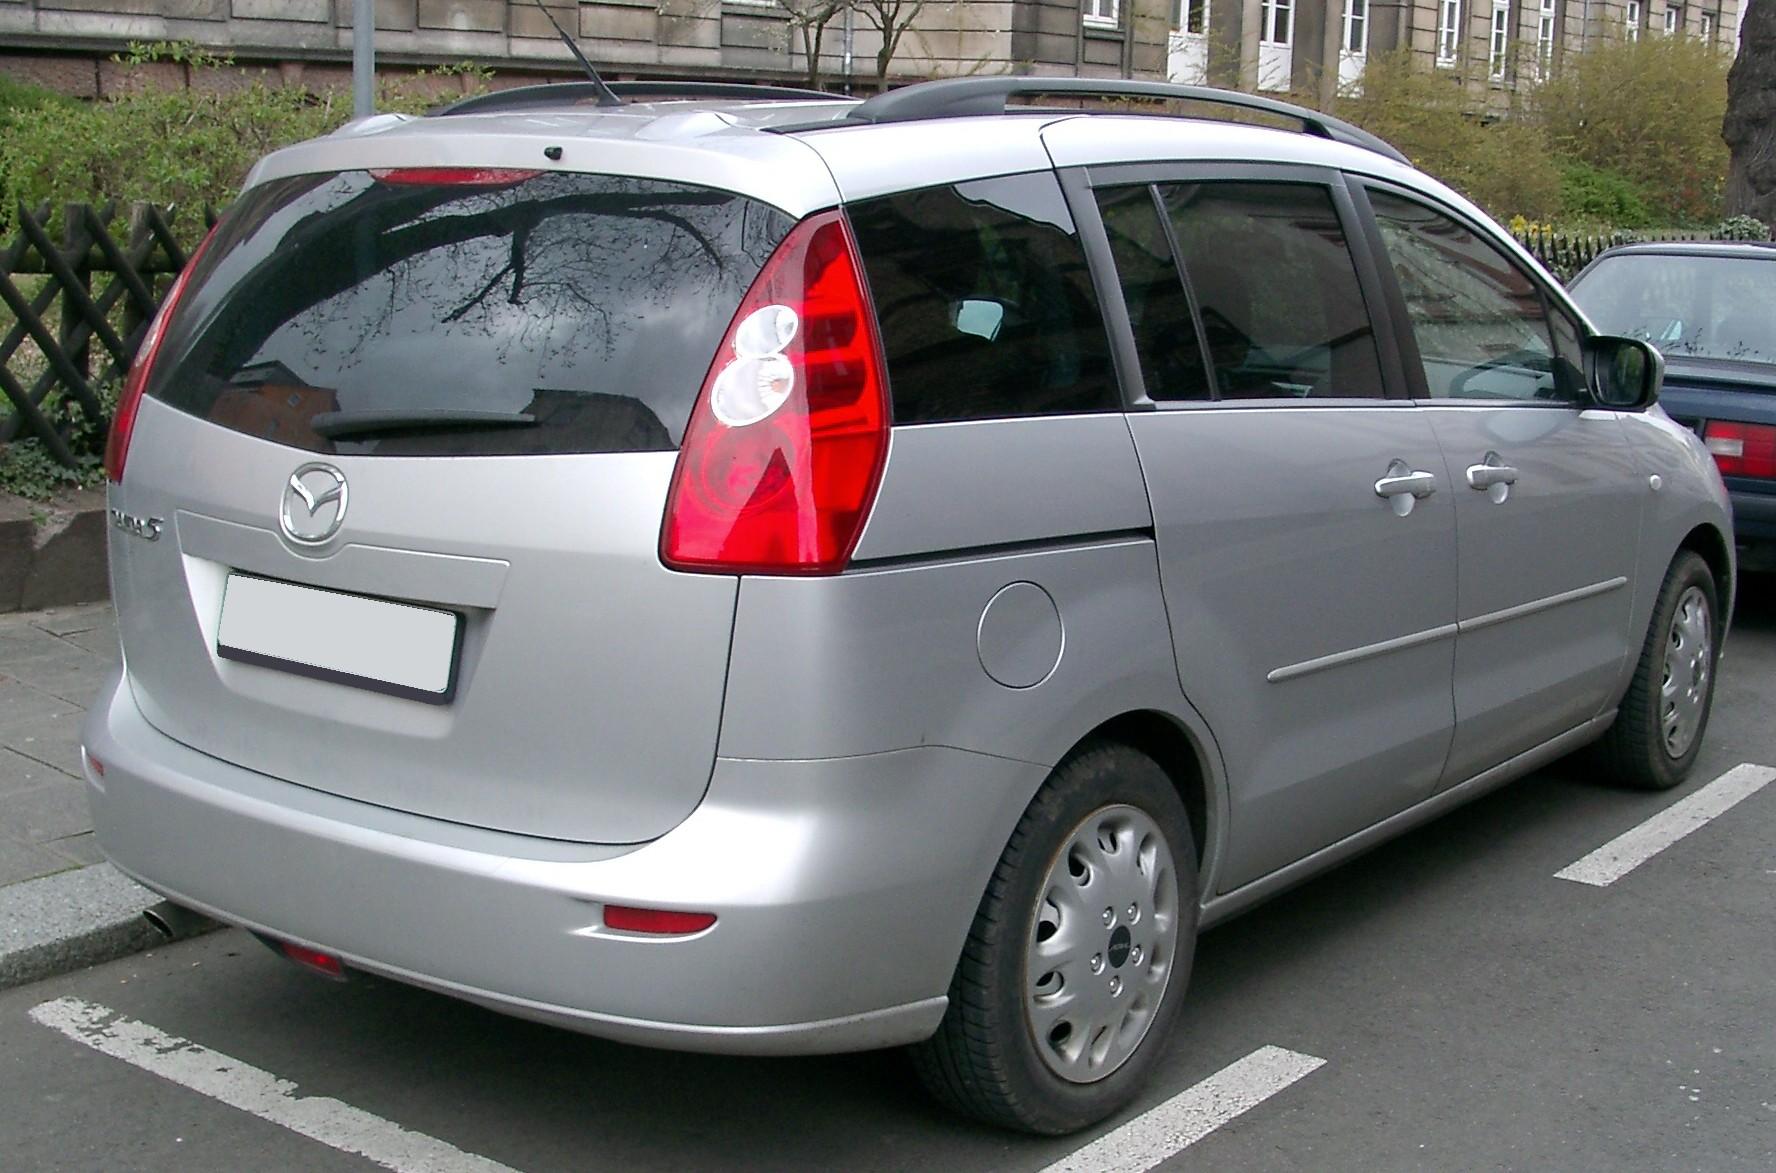 FileMazda Rear Jpg Wikimedia Commons - Mazda premacy problems